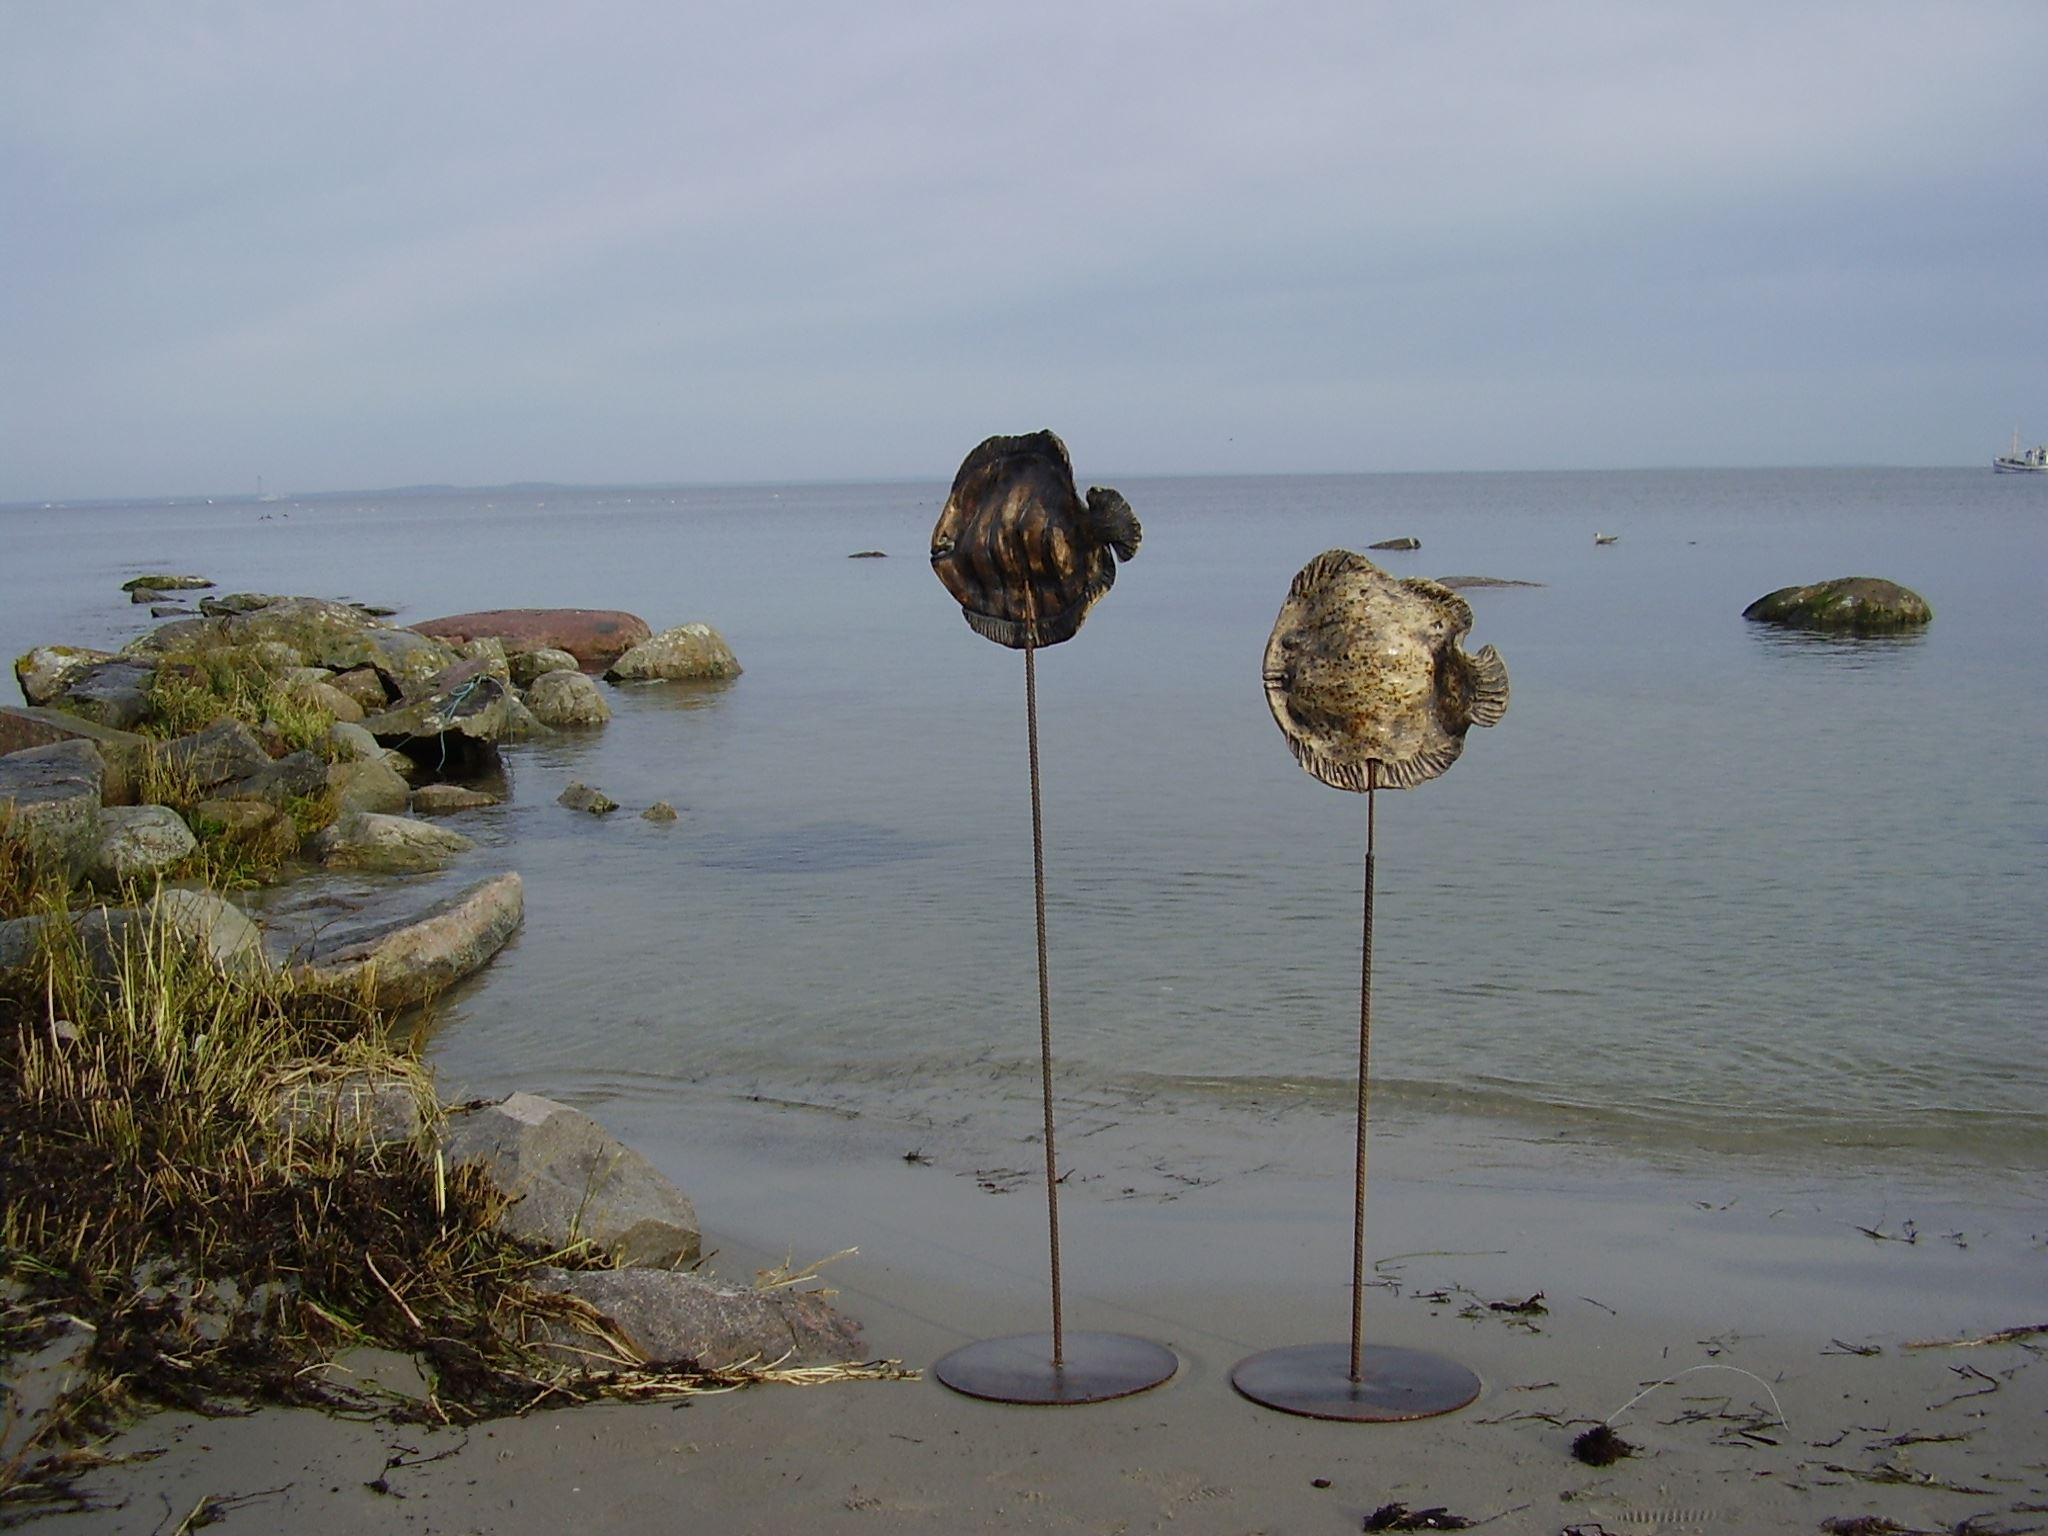 Keramik i Färg och Form - Ateljé Monica Hansson